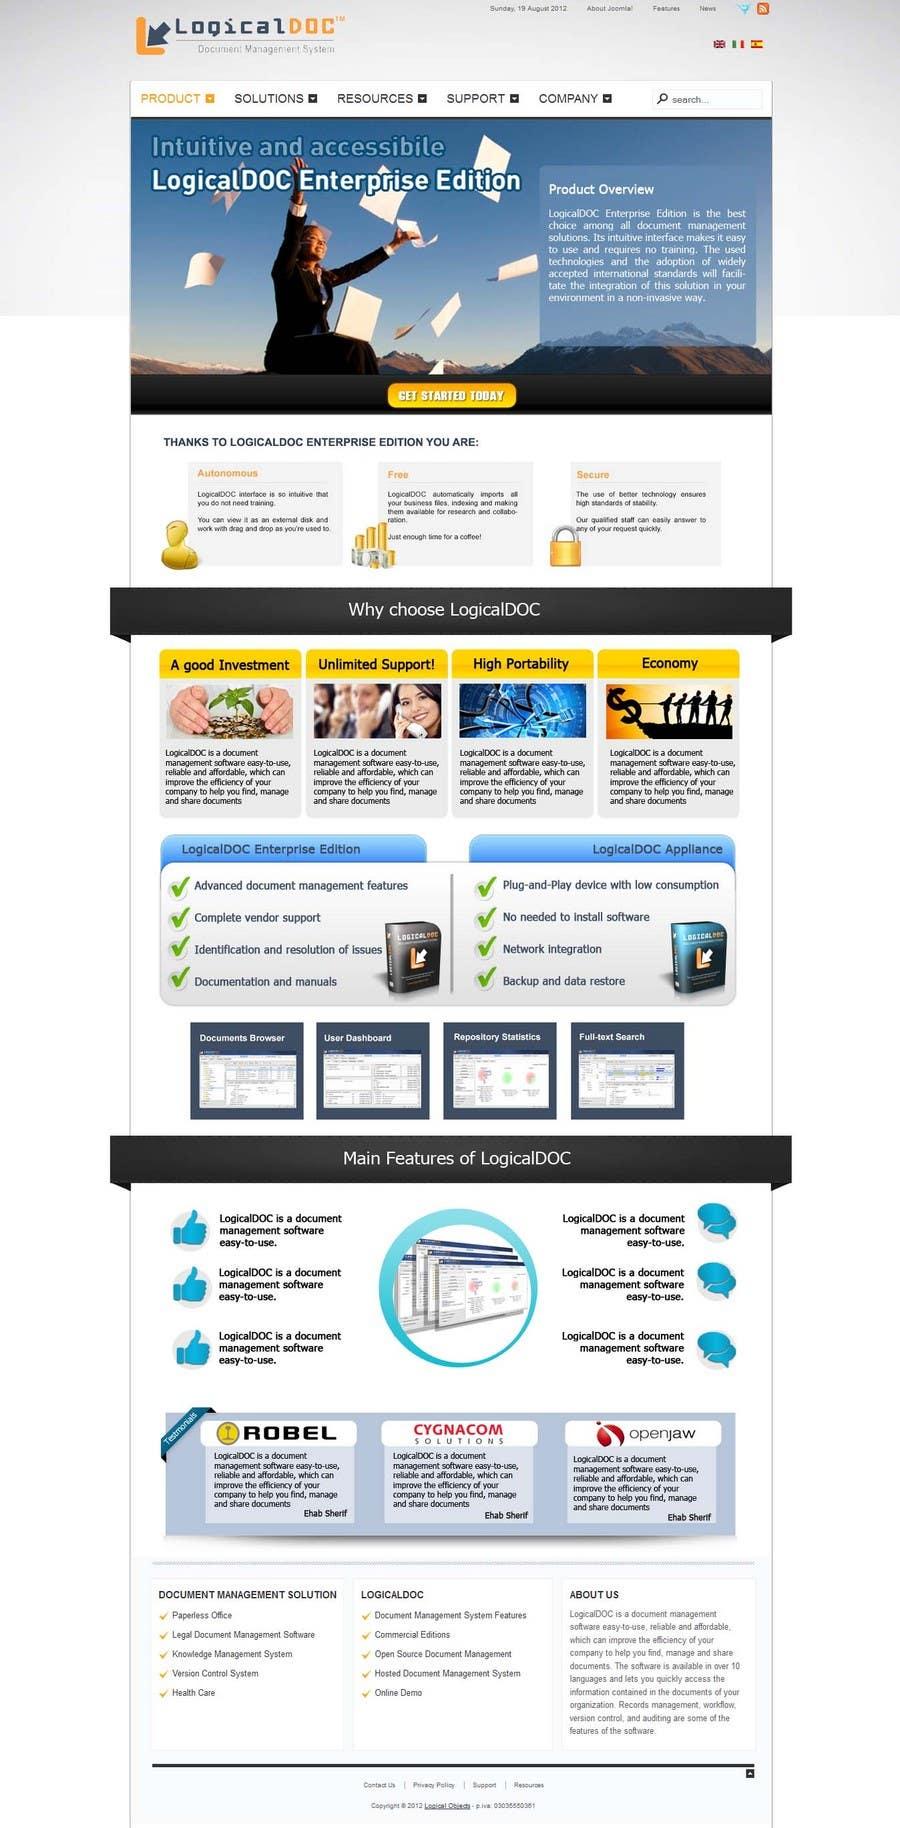 Konkurrenceindlæg #11 for Graphic Design for LogicalDOC